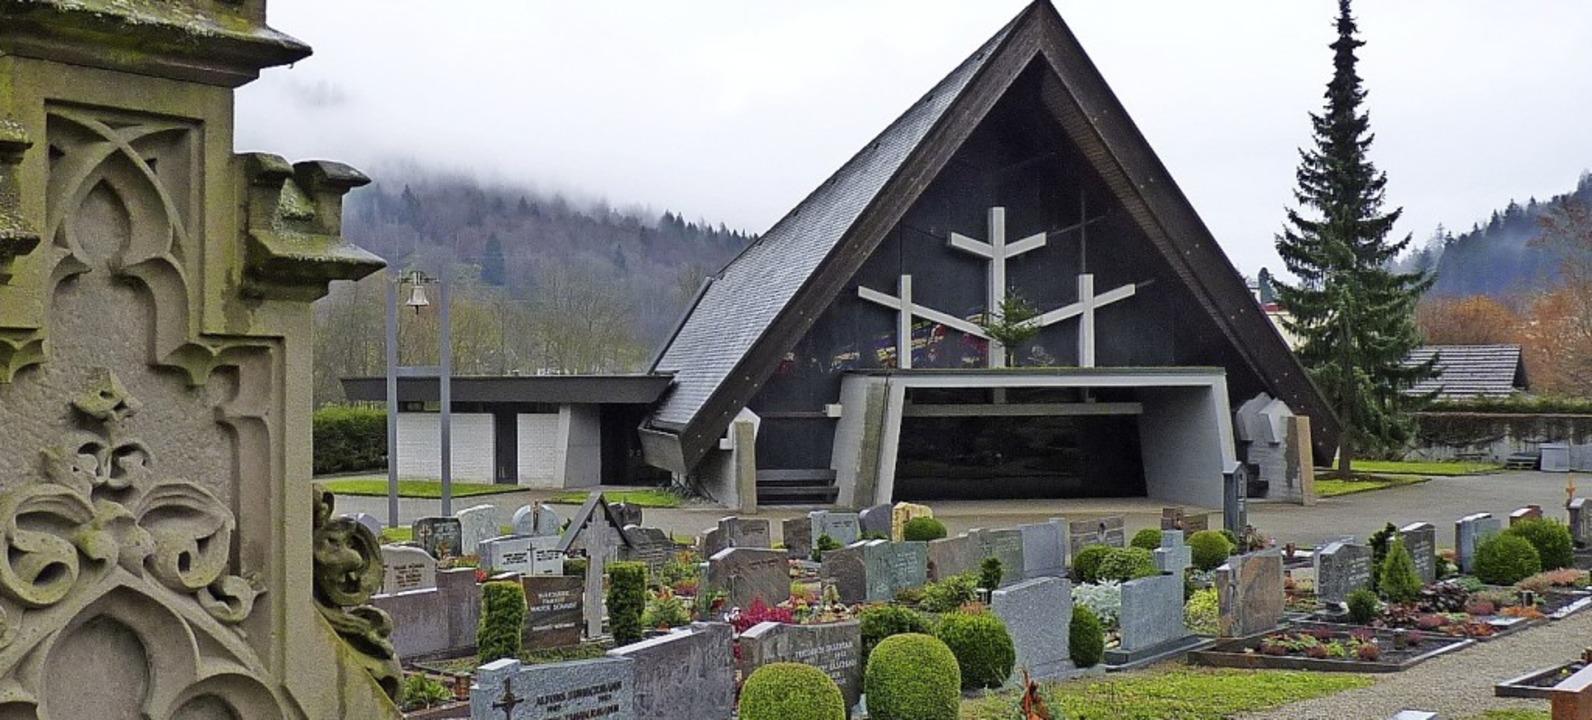 Die Gemeinde  Fröhnd muss wie andere K...önauer Friedhofs finanziell aufkommen.    Foto: Dirk Sattelberger